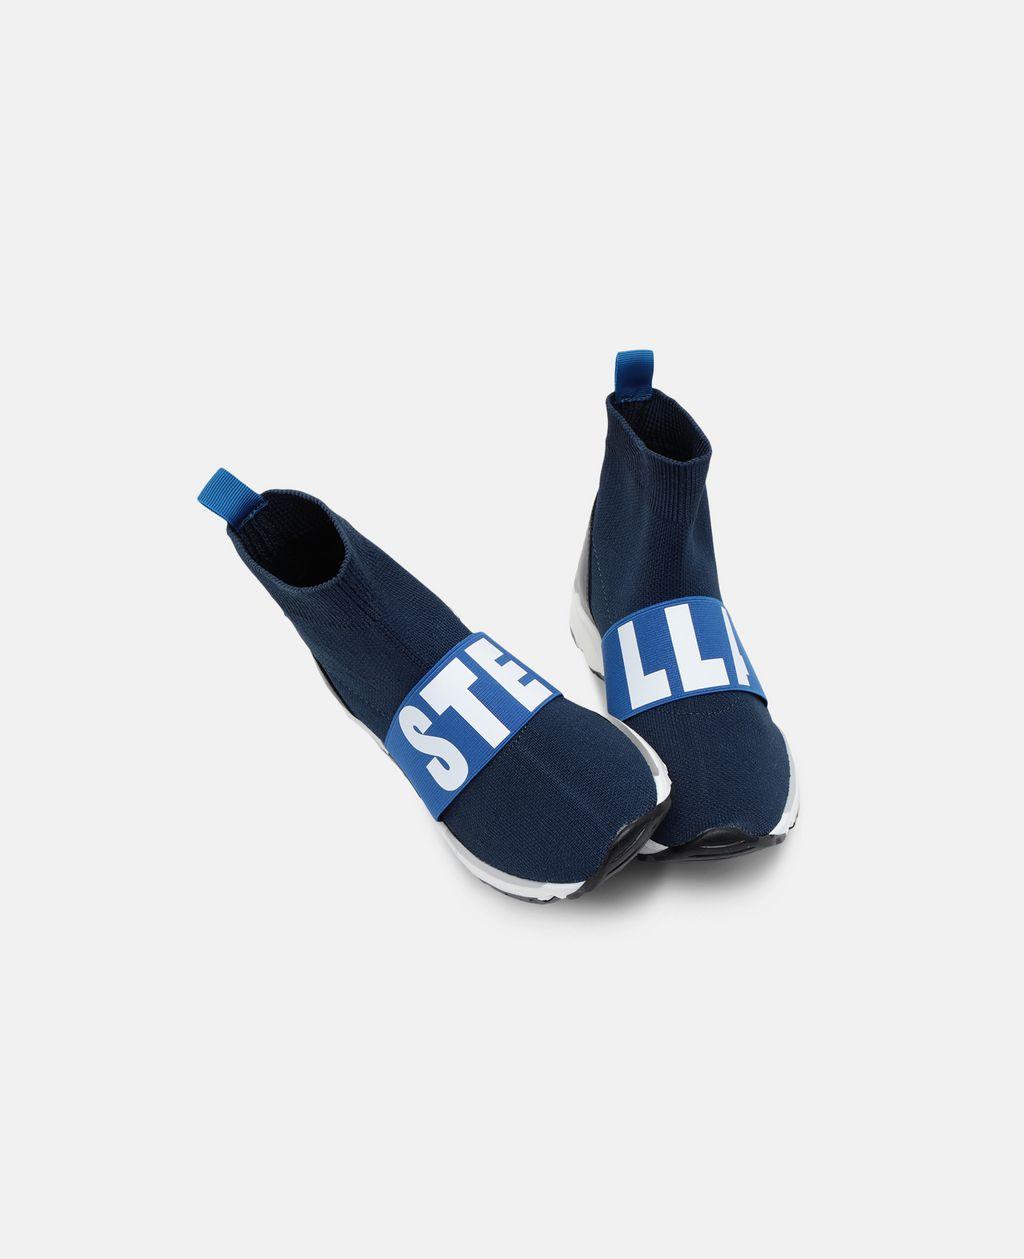 Stella McCartney - Blue / Navy Sock Sneaker - 3